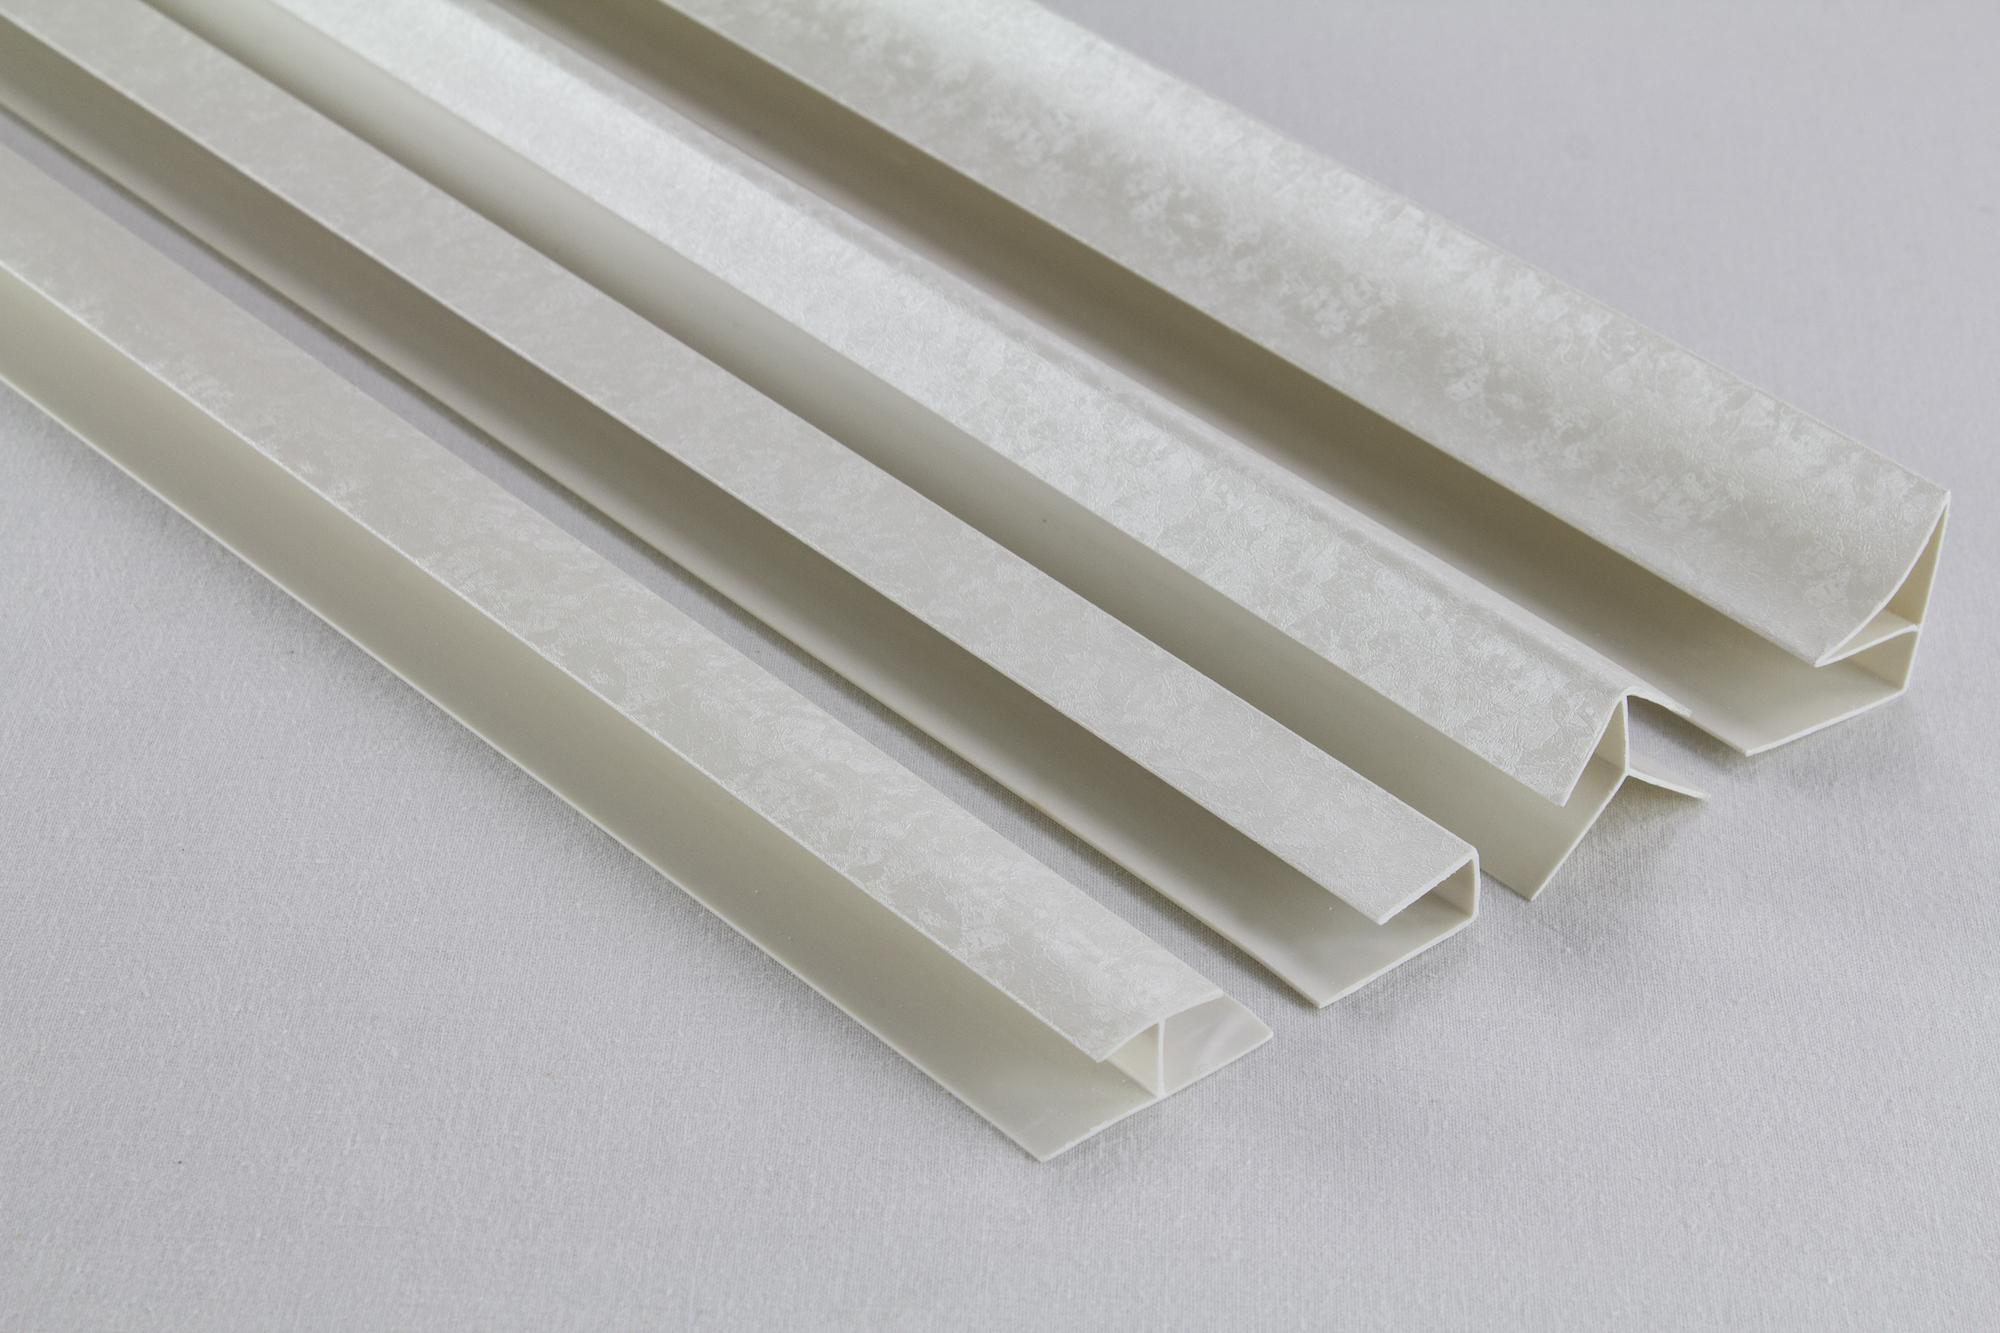 Zubeh r f r pvc paneele deckenpaneele wandpaneele innen platten 97 30 ebay - Wandpaneele kunststoff innen ...